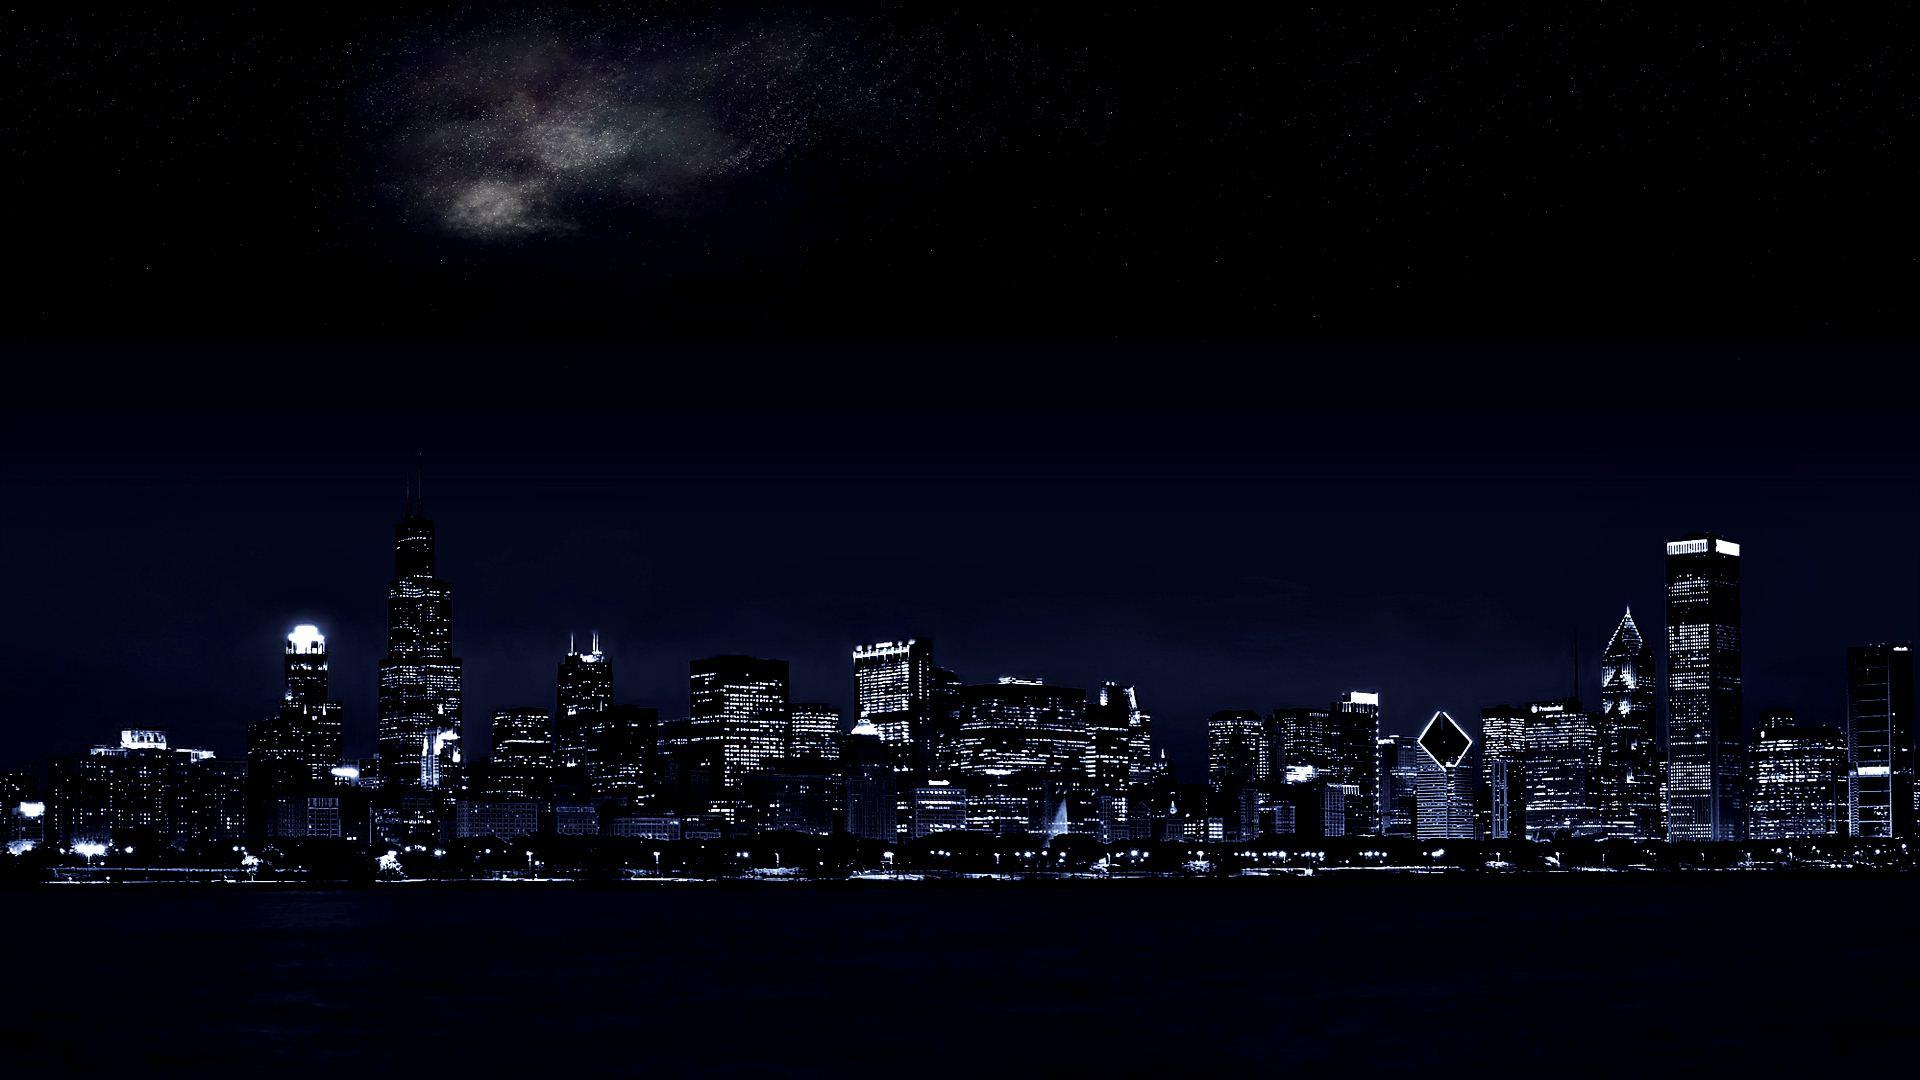 Dark City Background 1920x1080